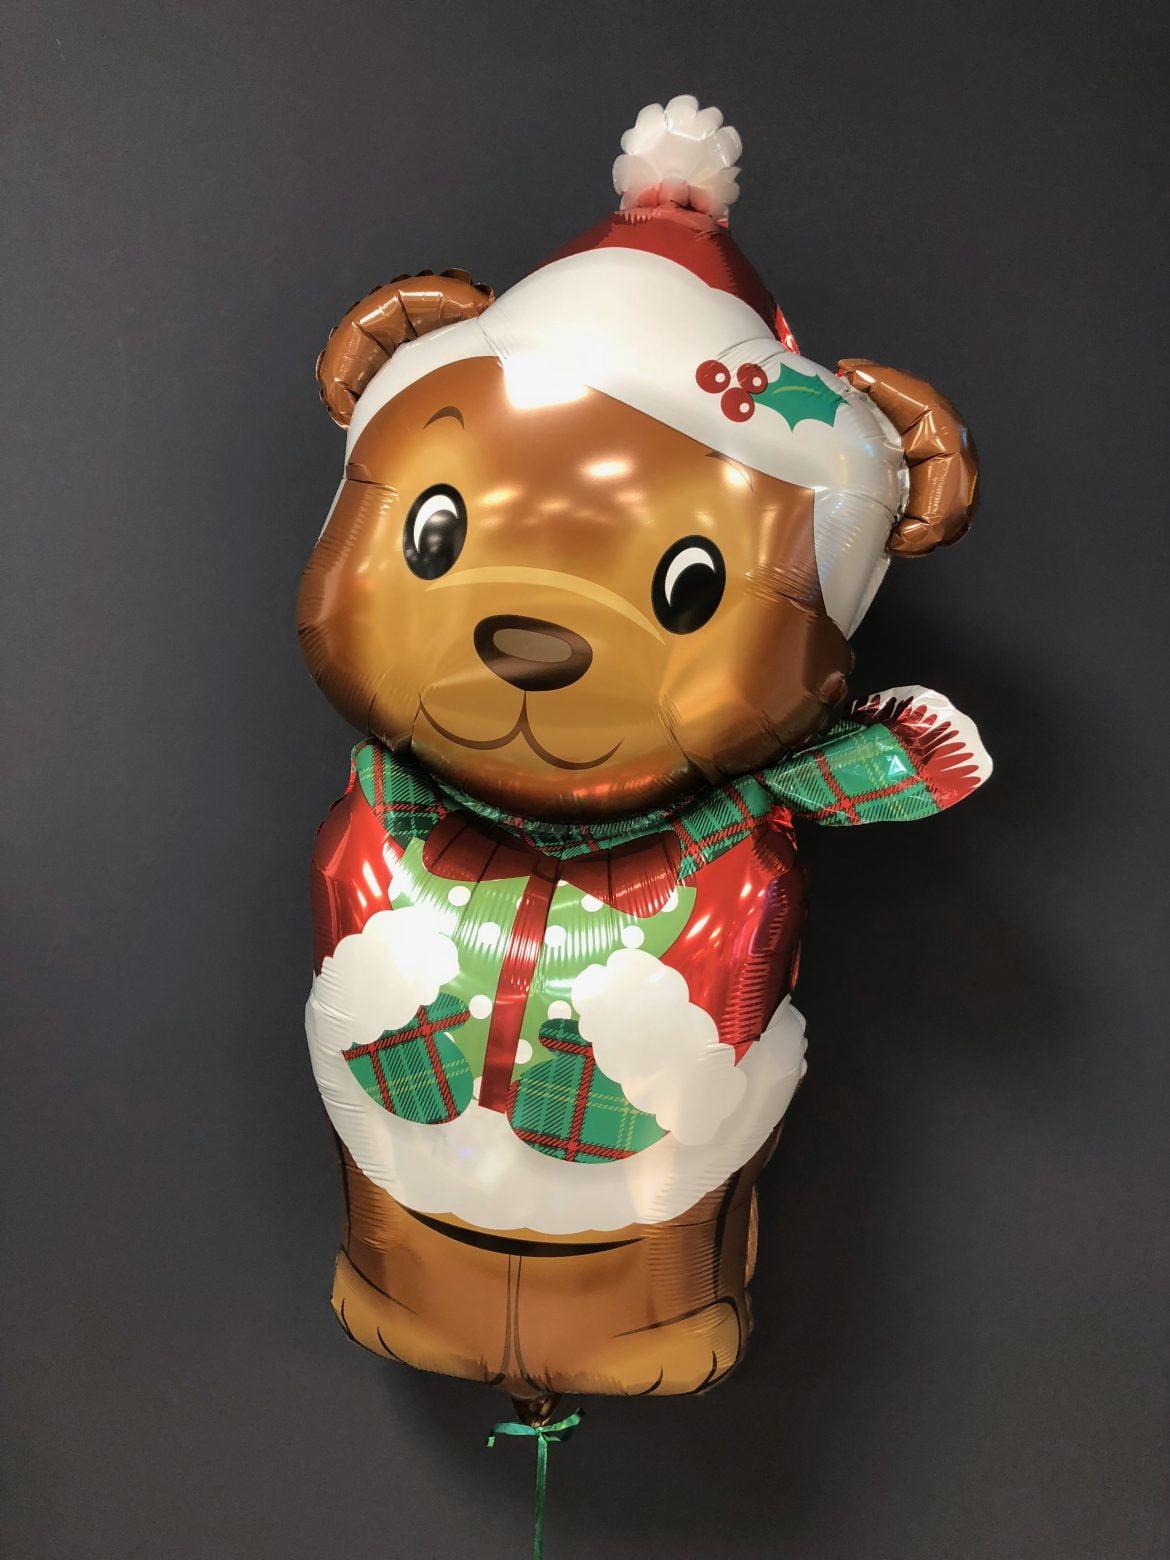 Ballon Weihnachtsbär